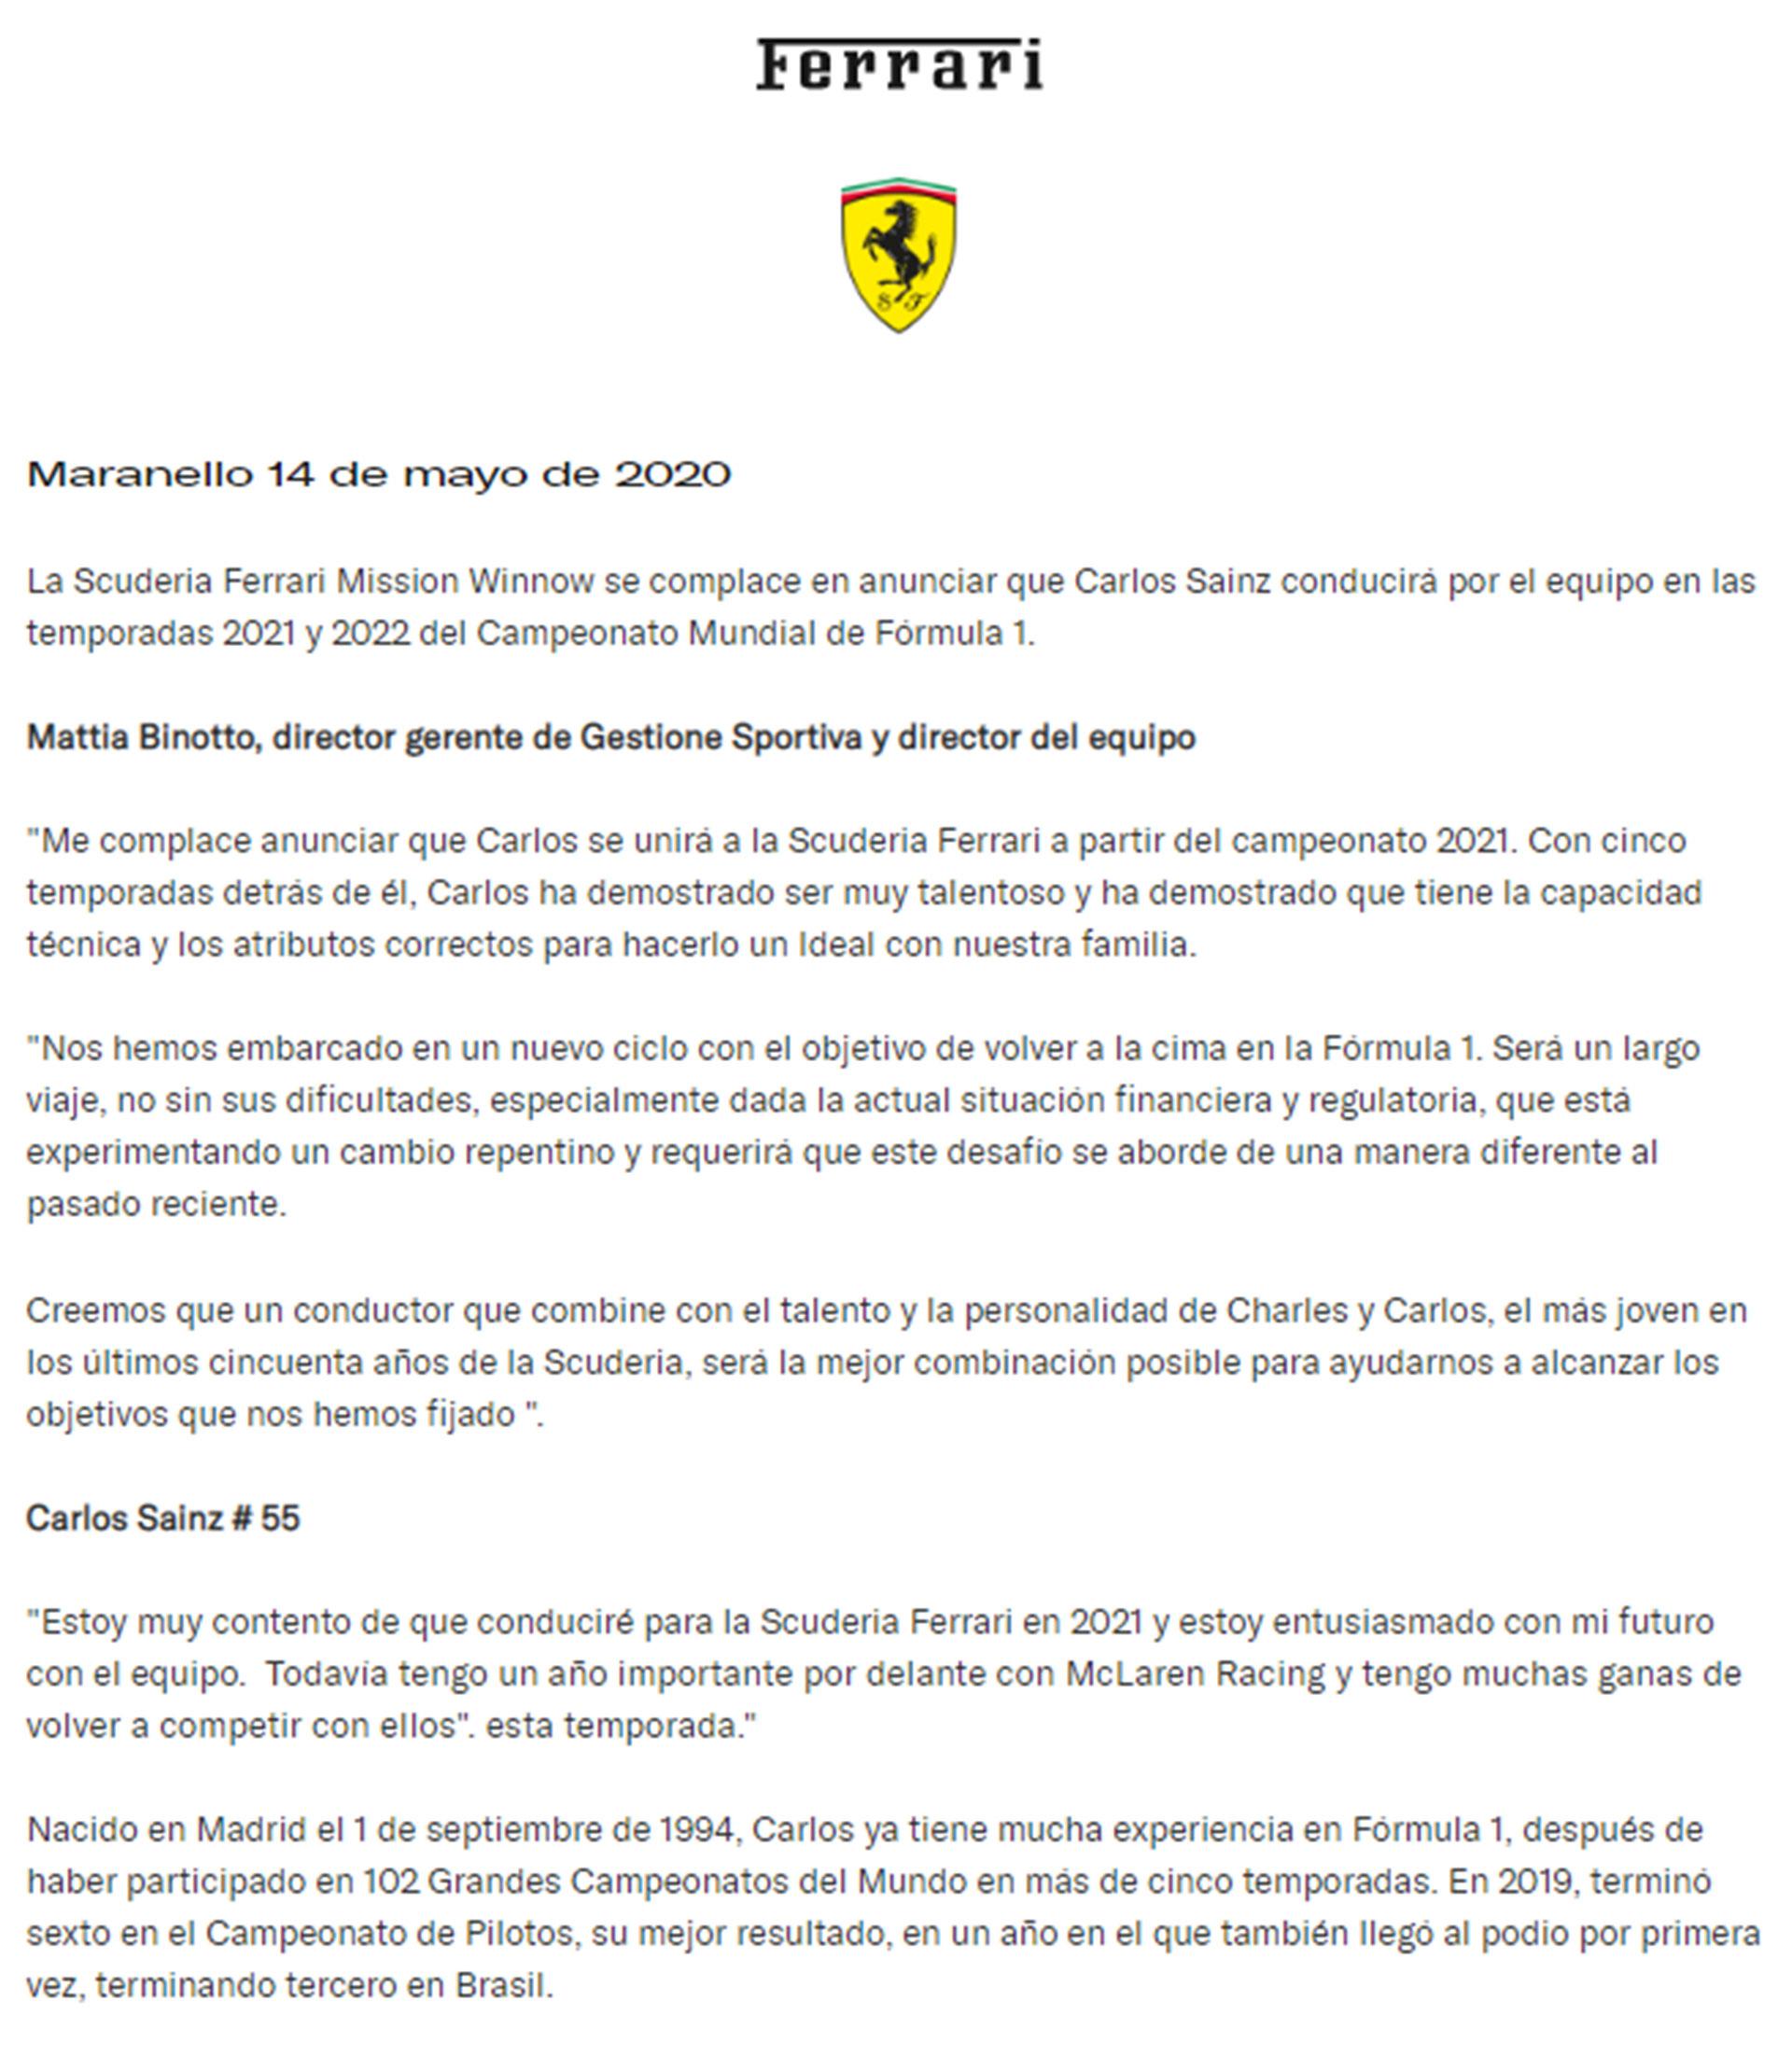 El comunicado de Ferrari